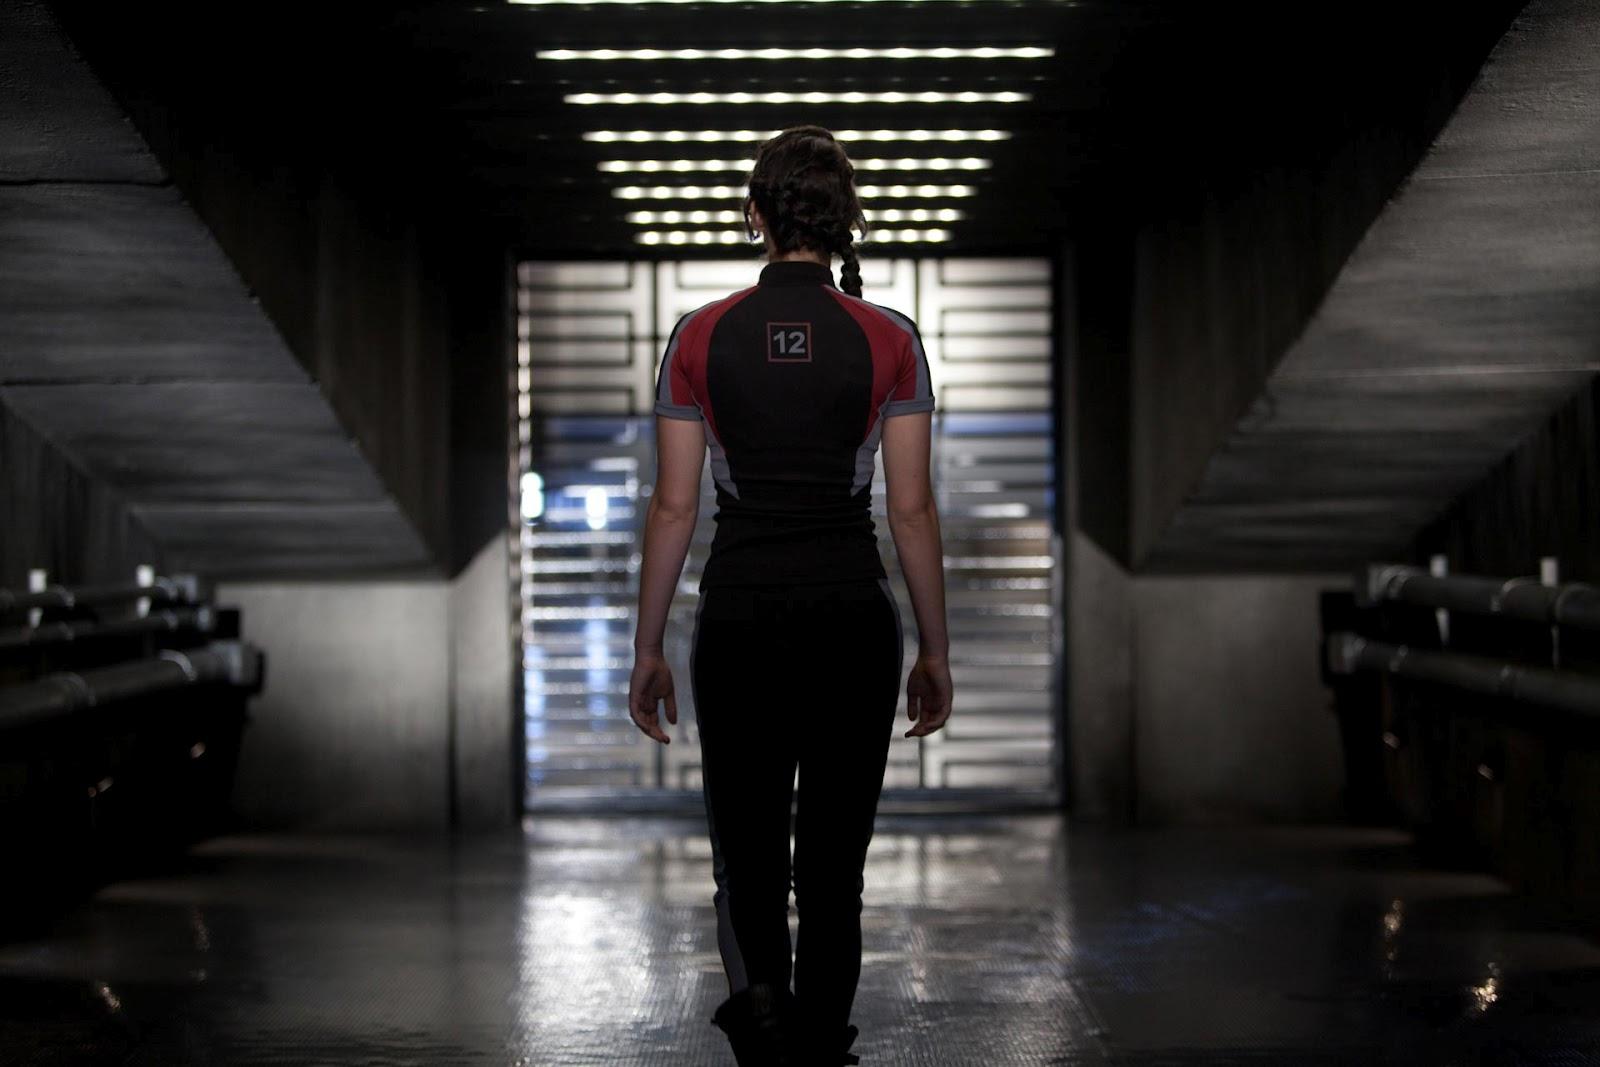 http://1.bp.blogspot.com/-GsdlSTdEXIs/T29kIOmyjxI/AAAAAAAADv8/gwi-5ejF-go/s1600/Hunger-Games_jennifer_lawrence_ass.jpg